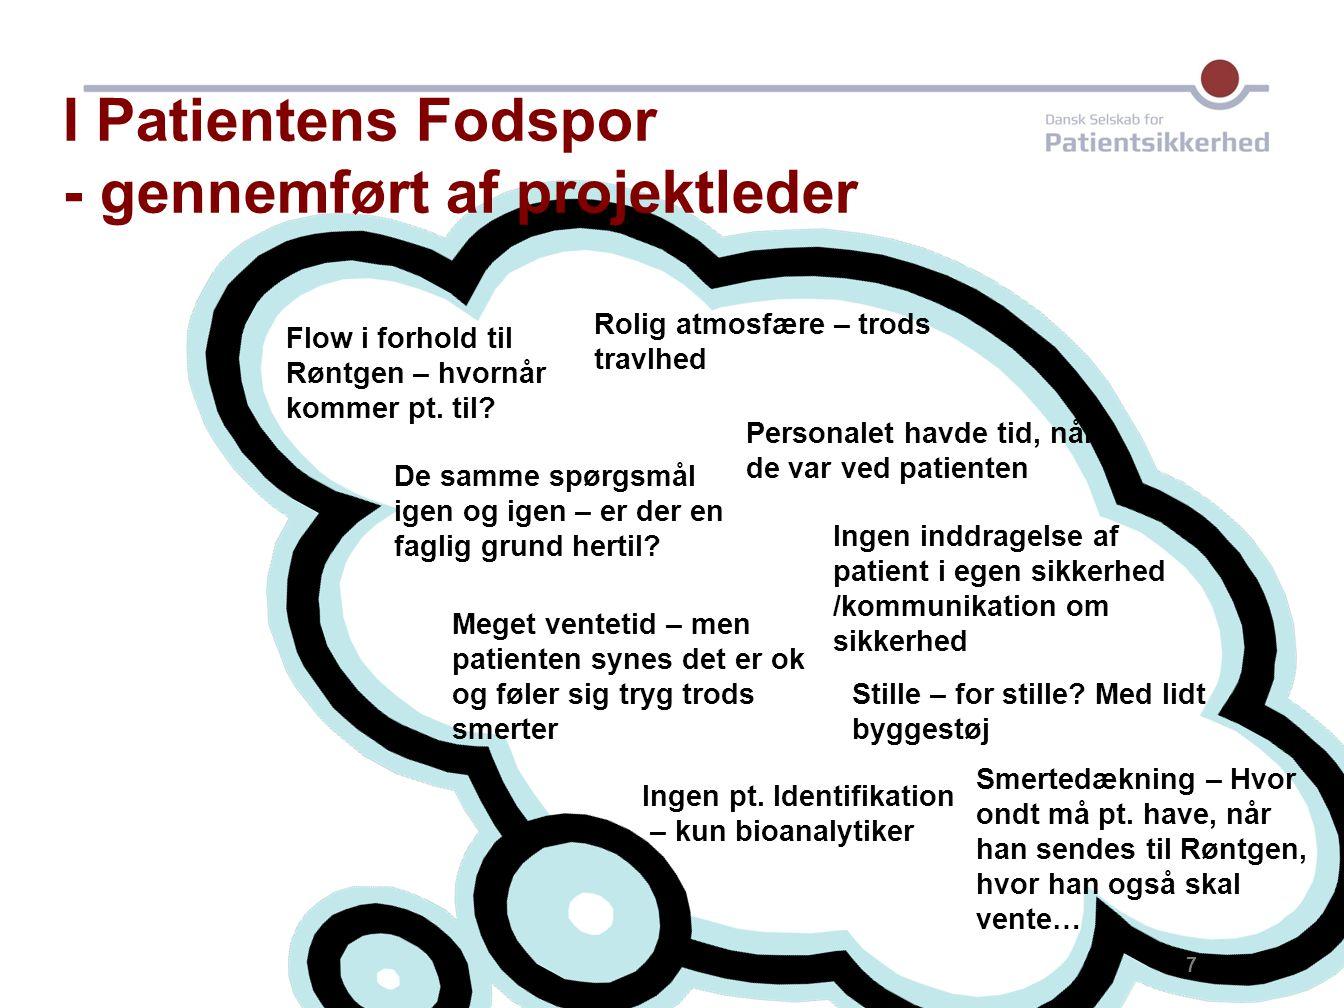 I Patientens Fodspor - gennemført af projektleder